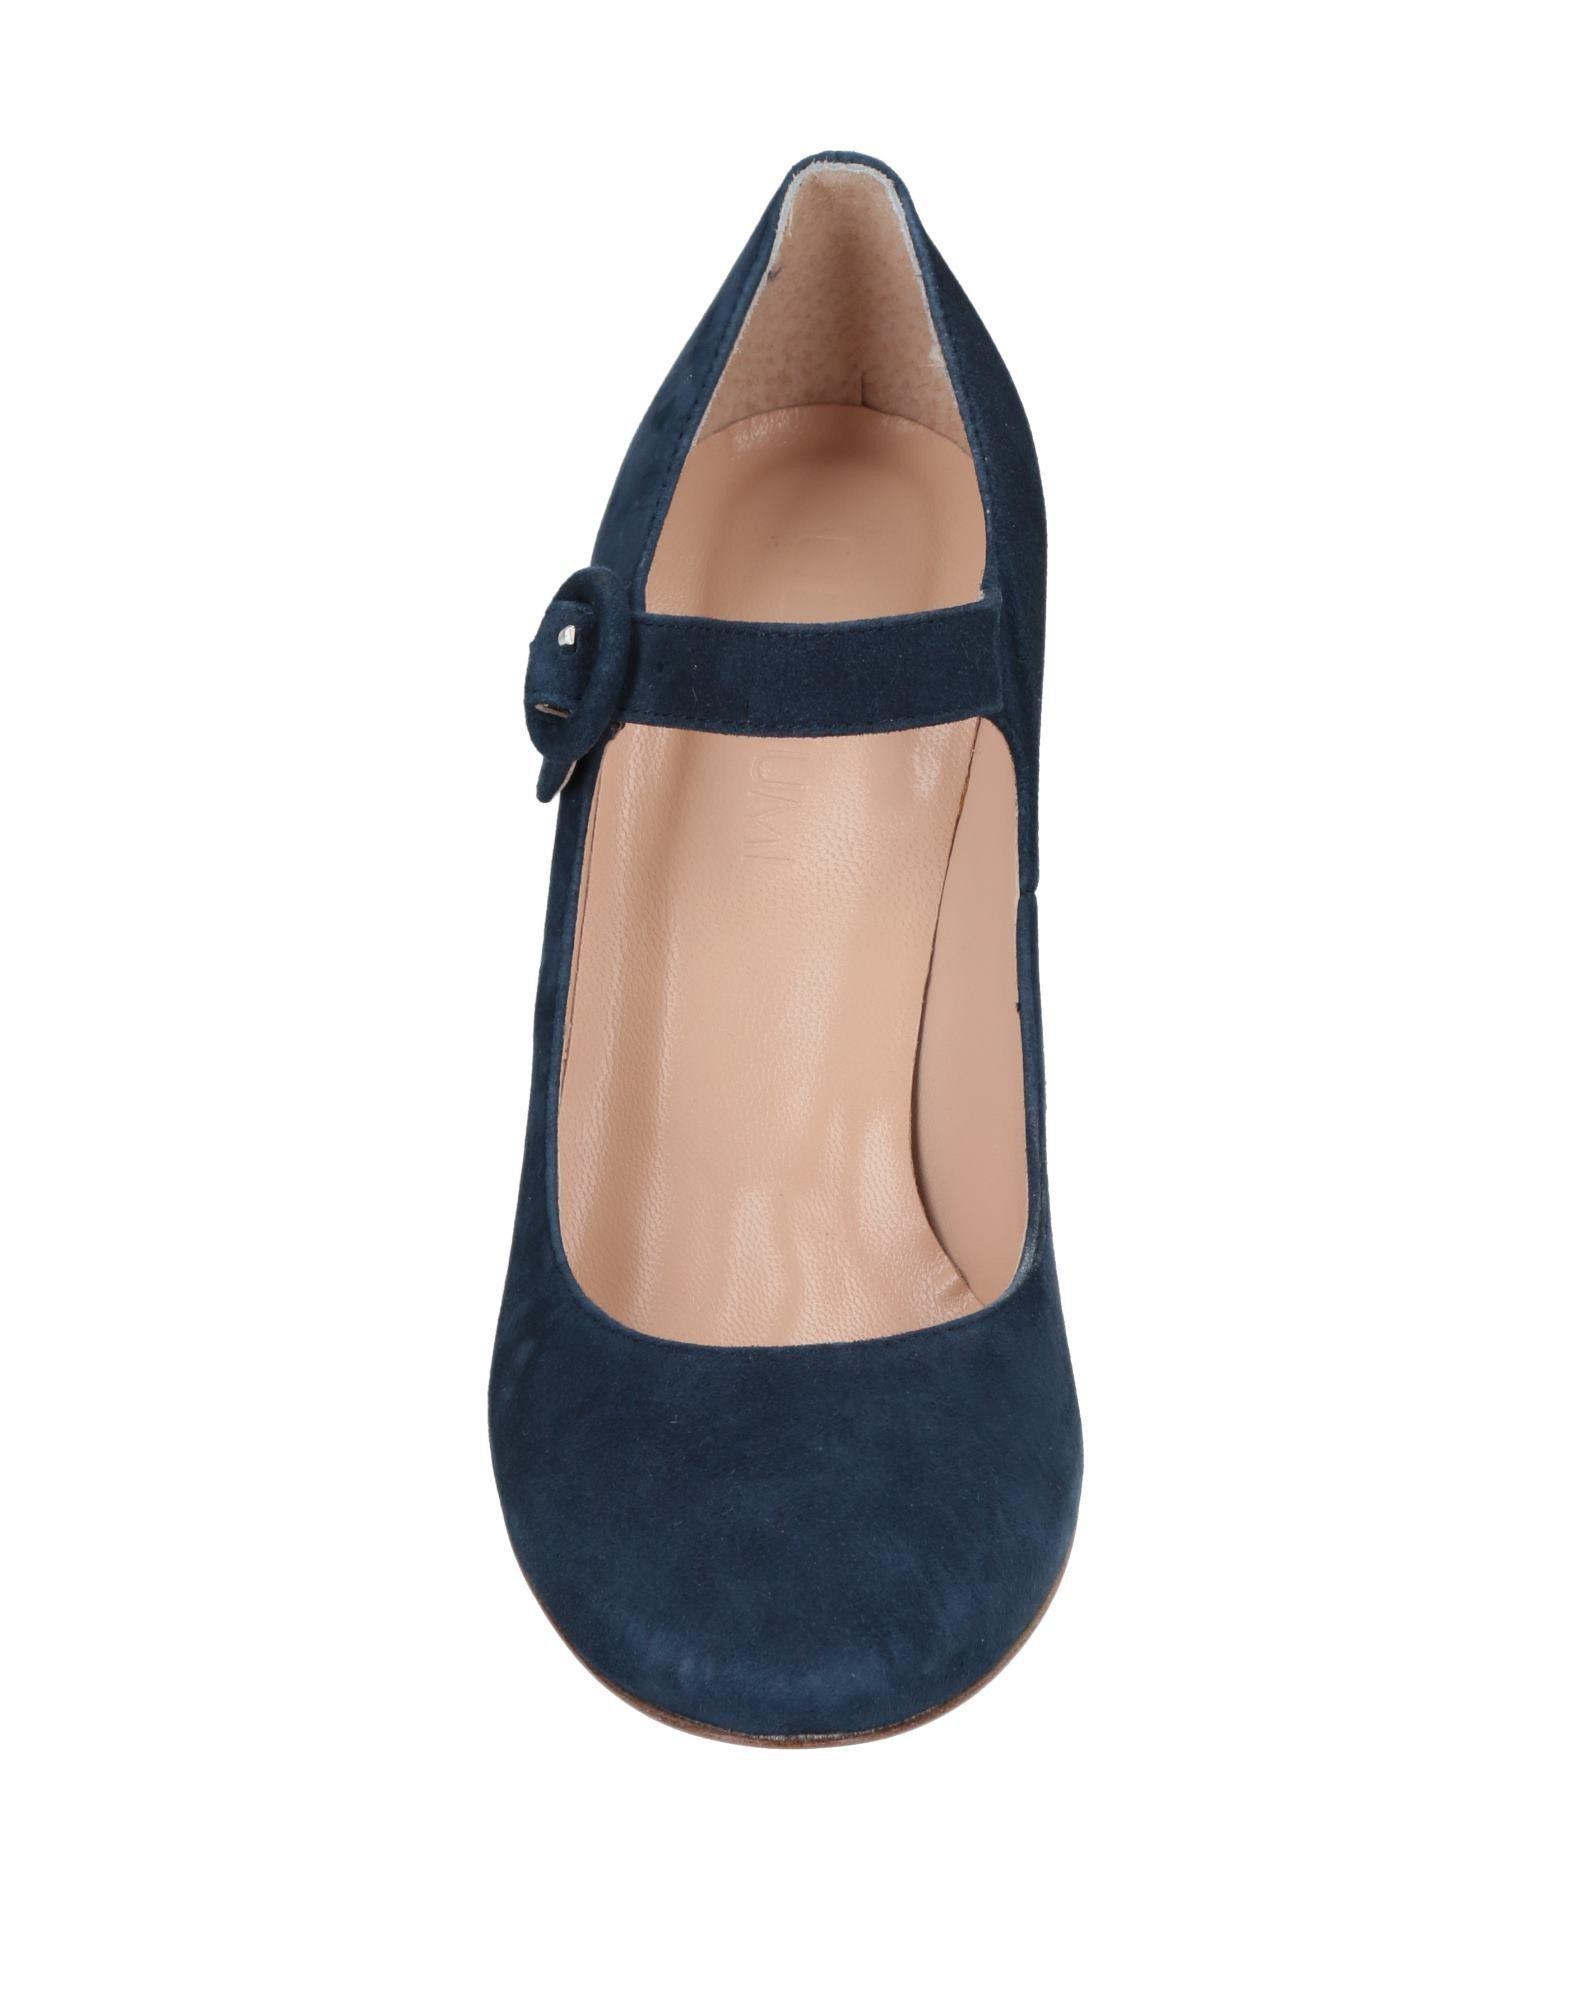 Zapatos de salón Piumi de Cuero de color Azul